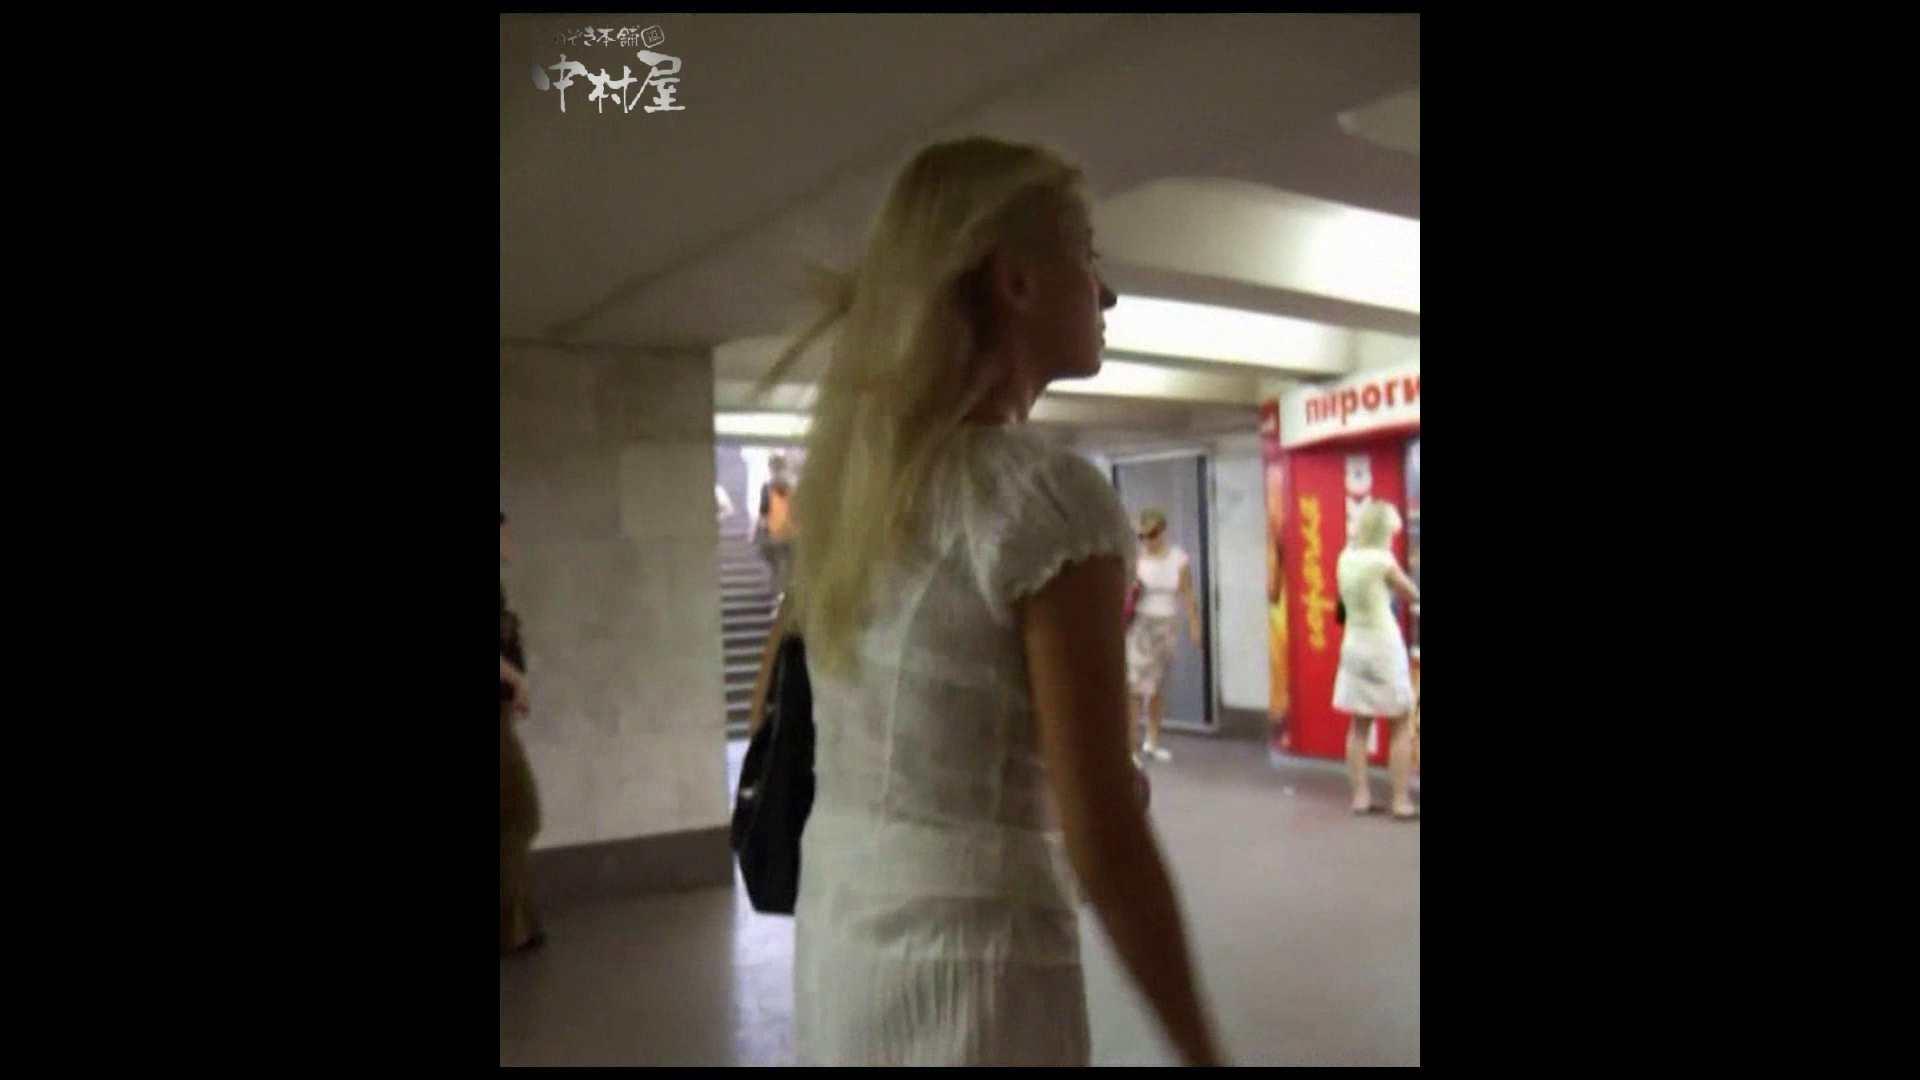 綺麗なモデルさんのスカート捲っちゃおう‼ vol14 モデルのエロ生活 ワレメ動画紹介 47連発 20